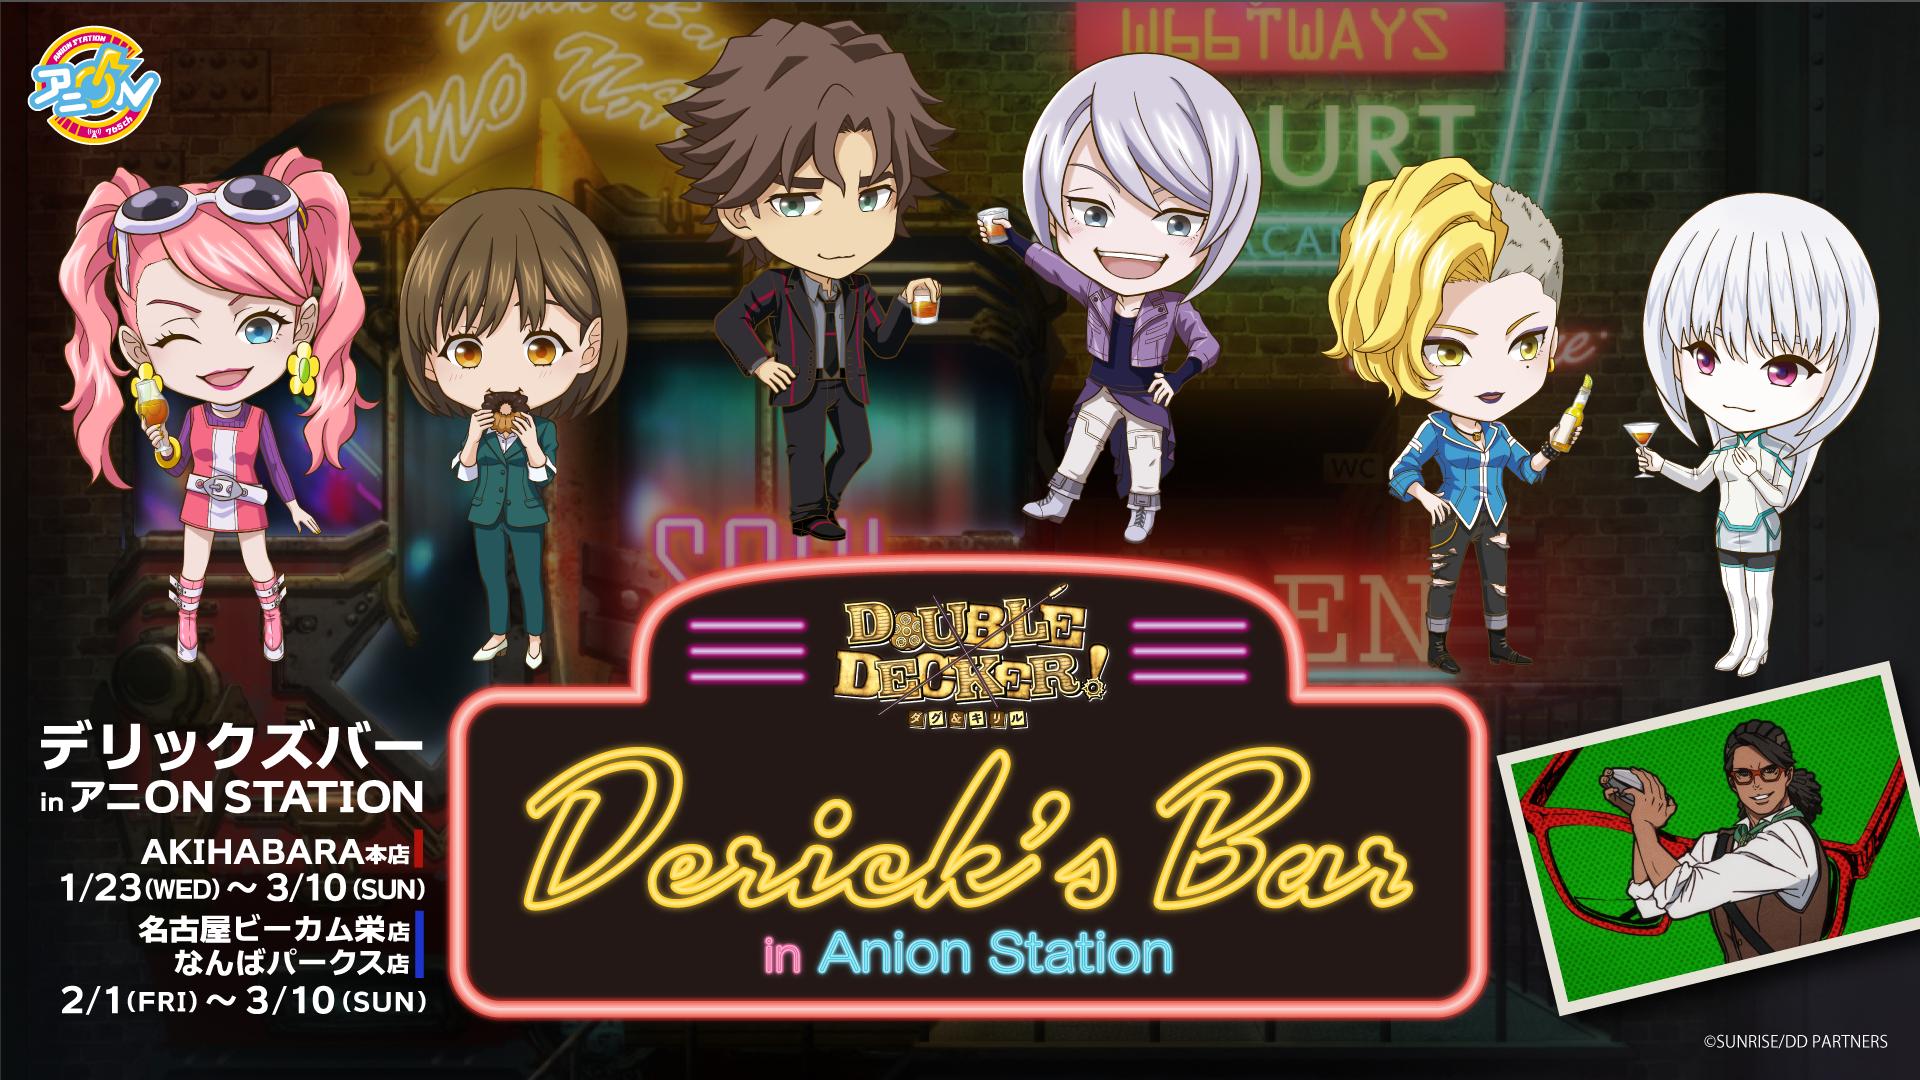 2/16【名古屋ビーカム栄店】DOUBLE DECKER! ダグ&キリル 『Derick's Bar in アニON STATION』